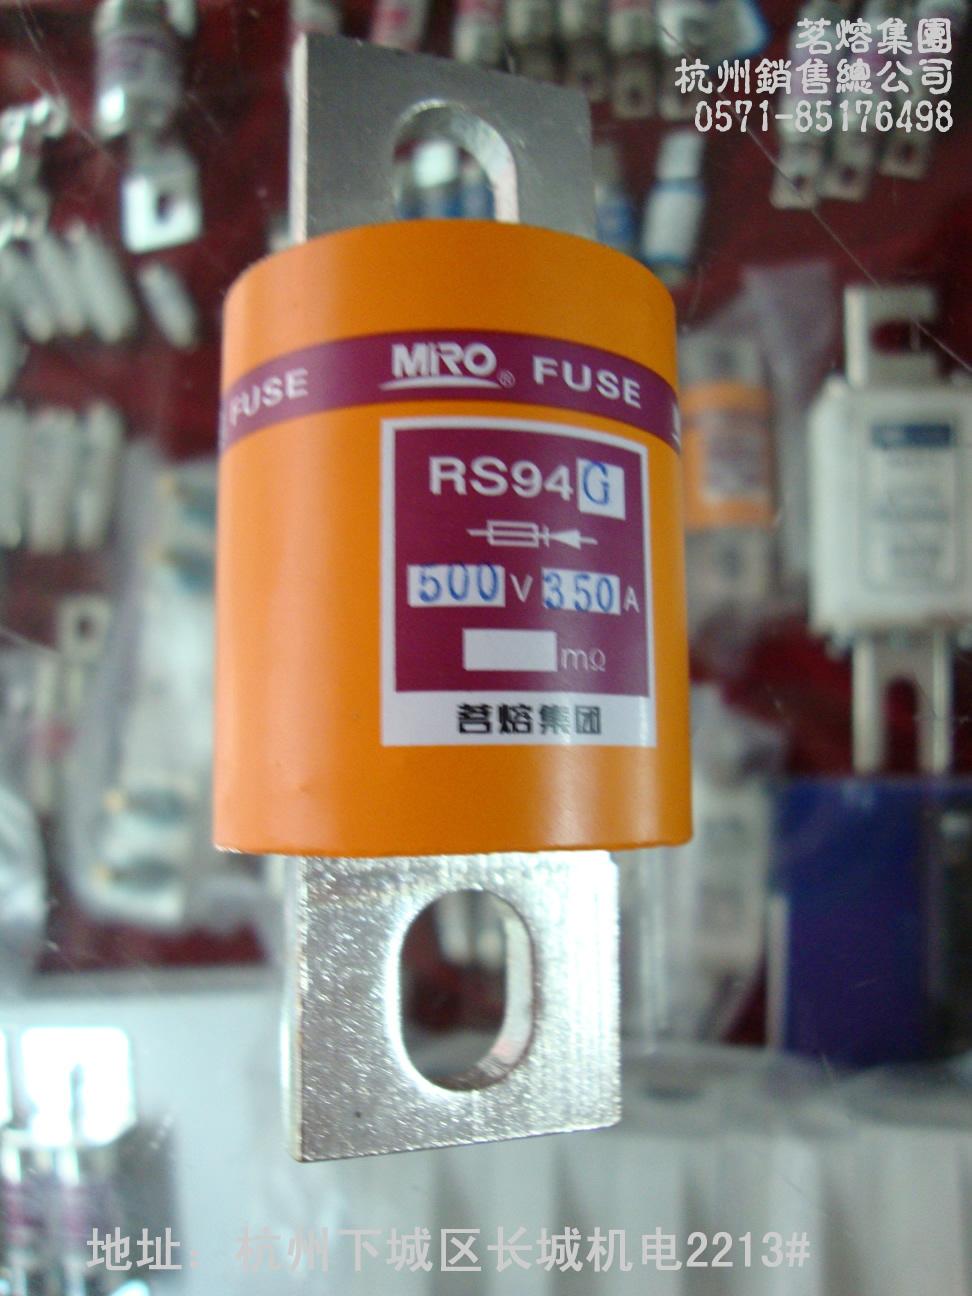 Предохранители для скутера Ming melting  RS94G 500V 315A 300A 400A